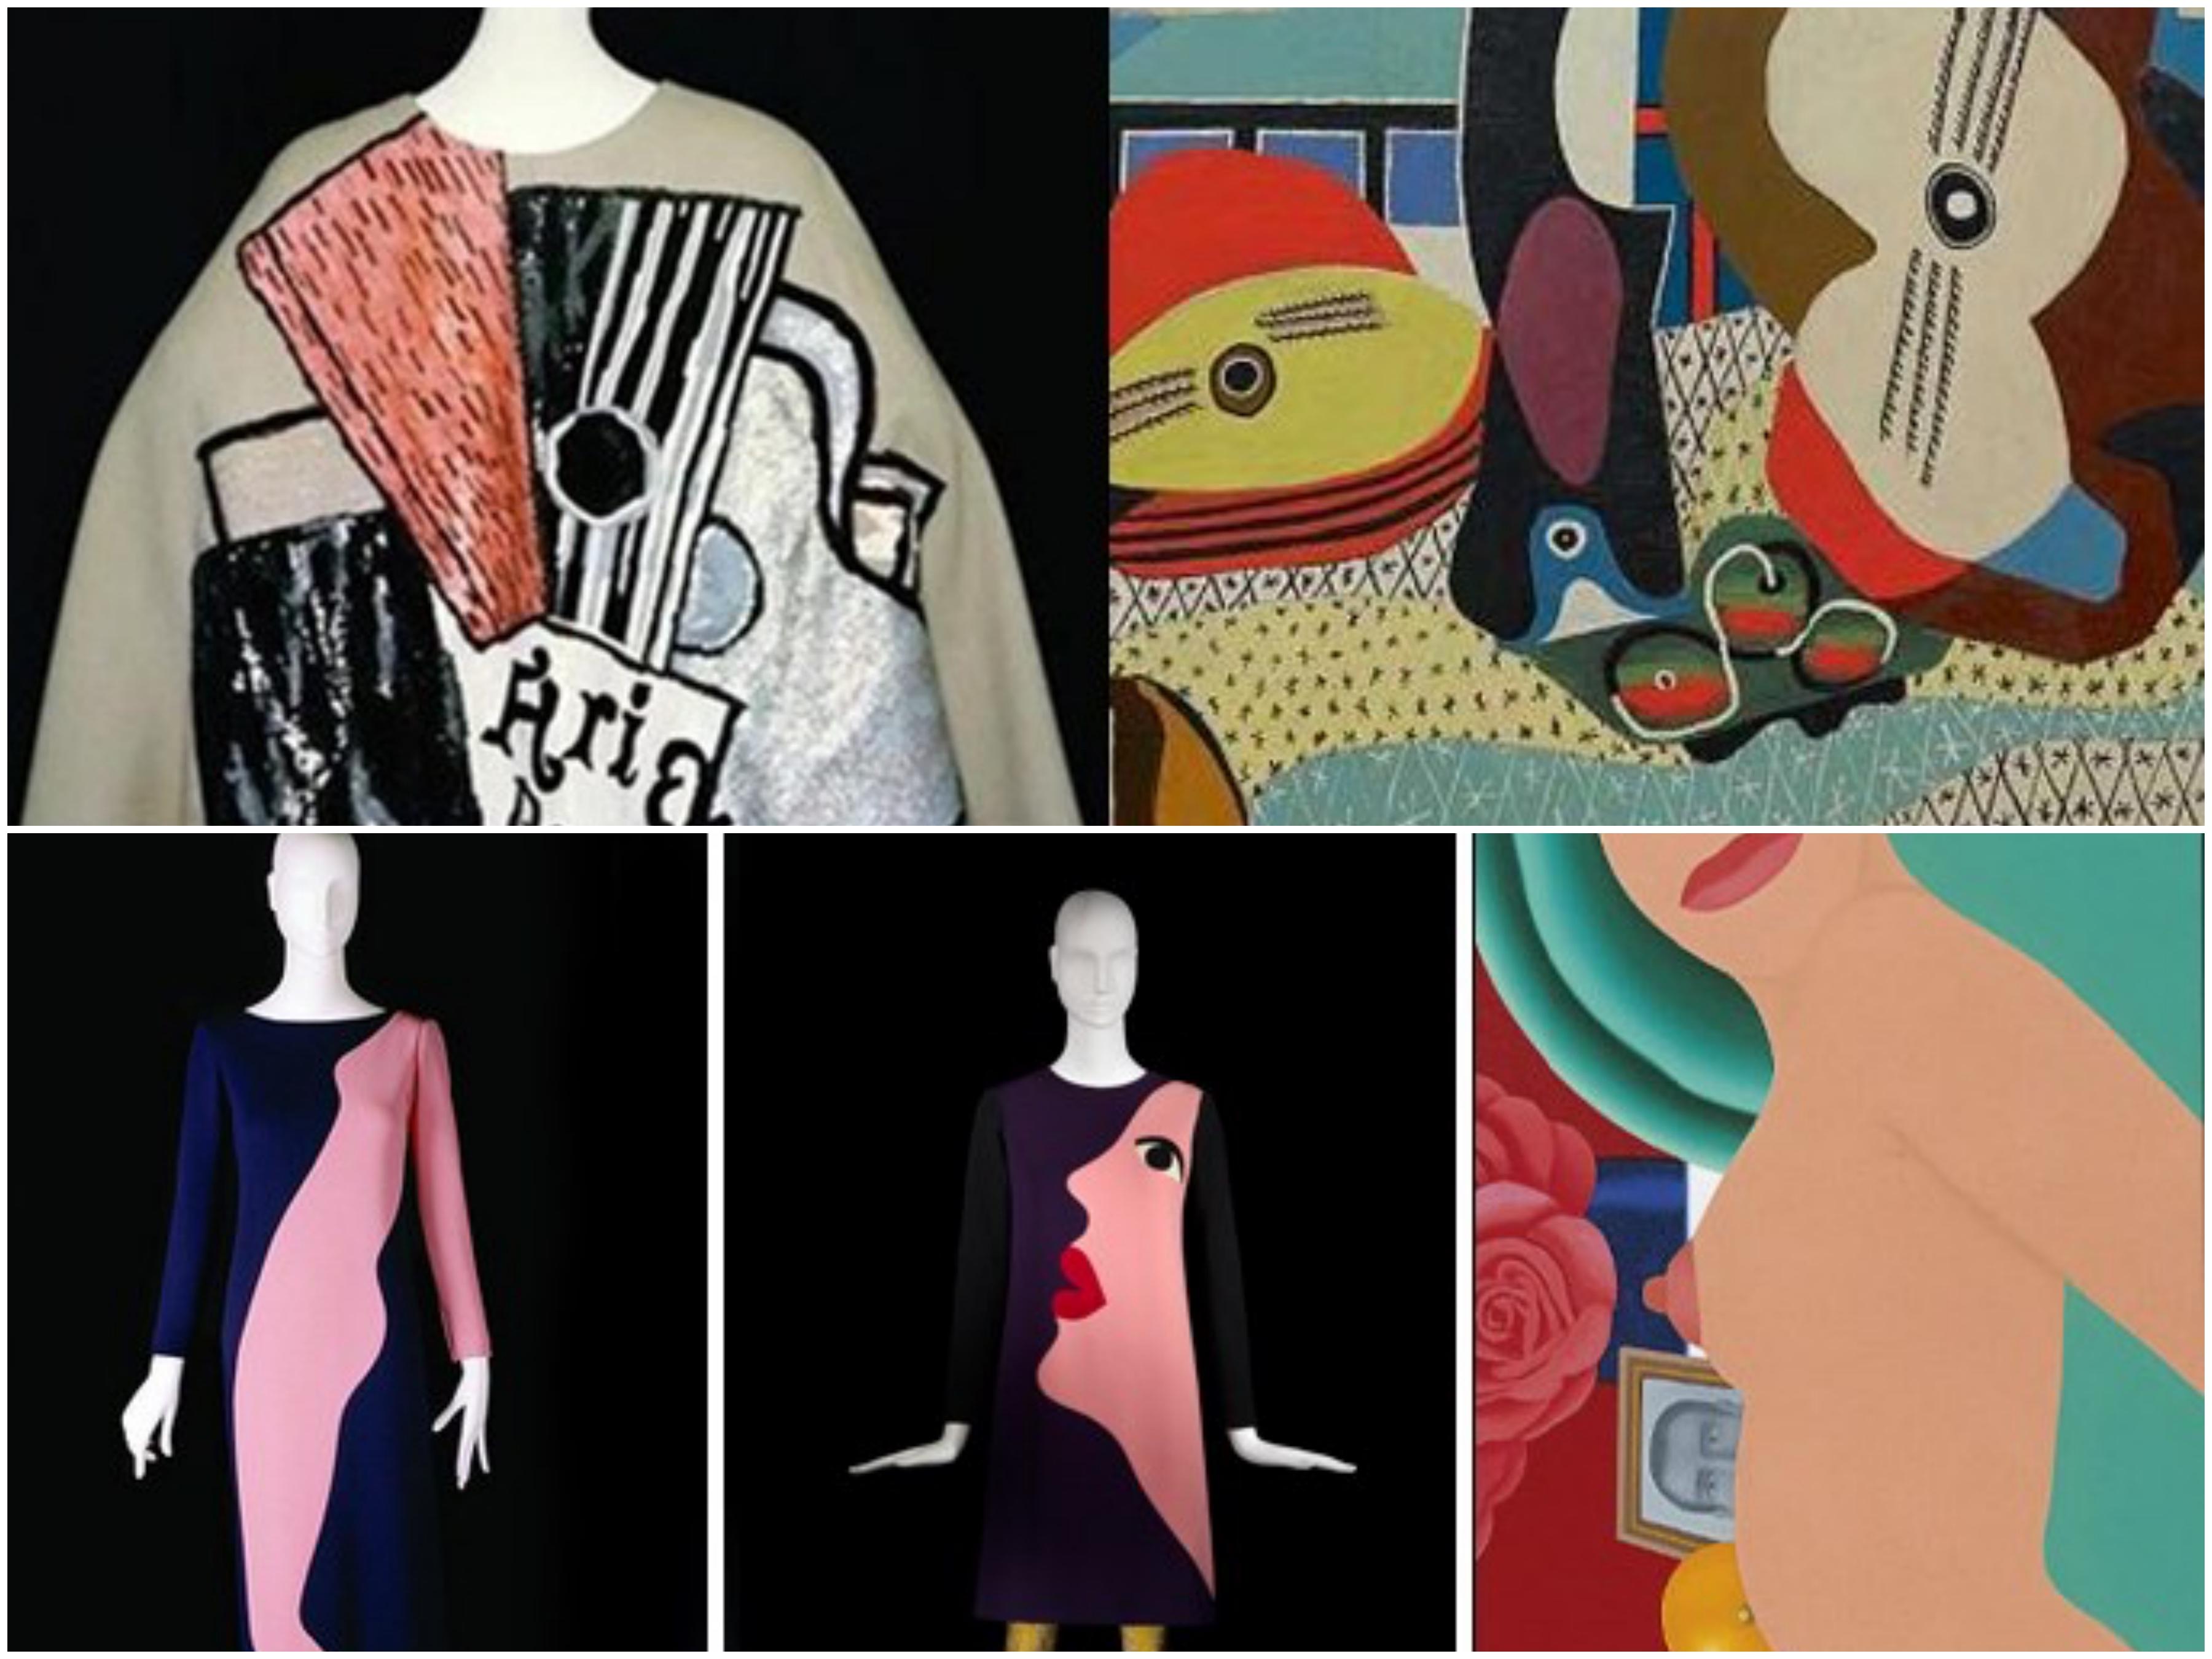 No hay moda sin arte ni arte sin moda. Y éstas son sus grandes colaboraciones - image ysl-picasso on https://www.vanidad.es